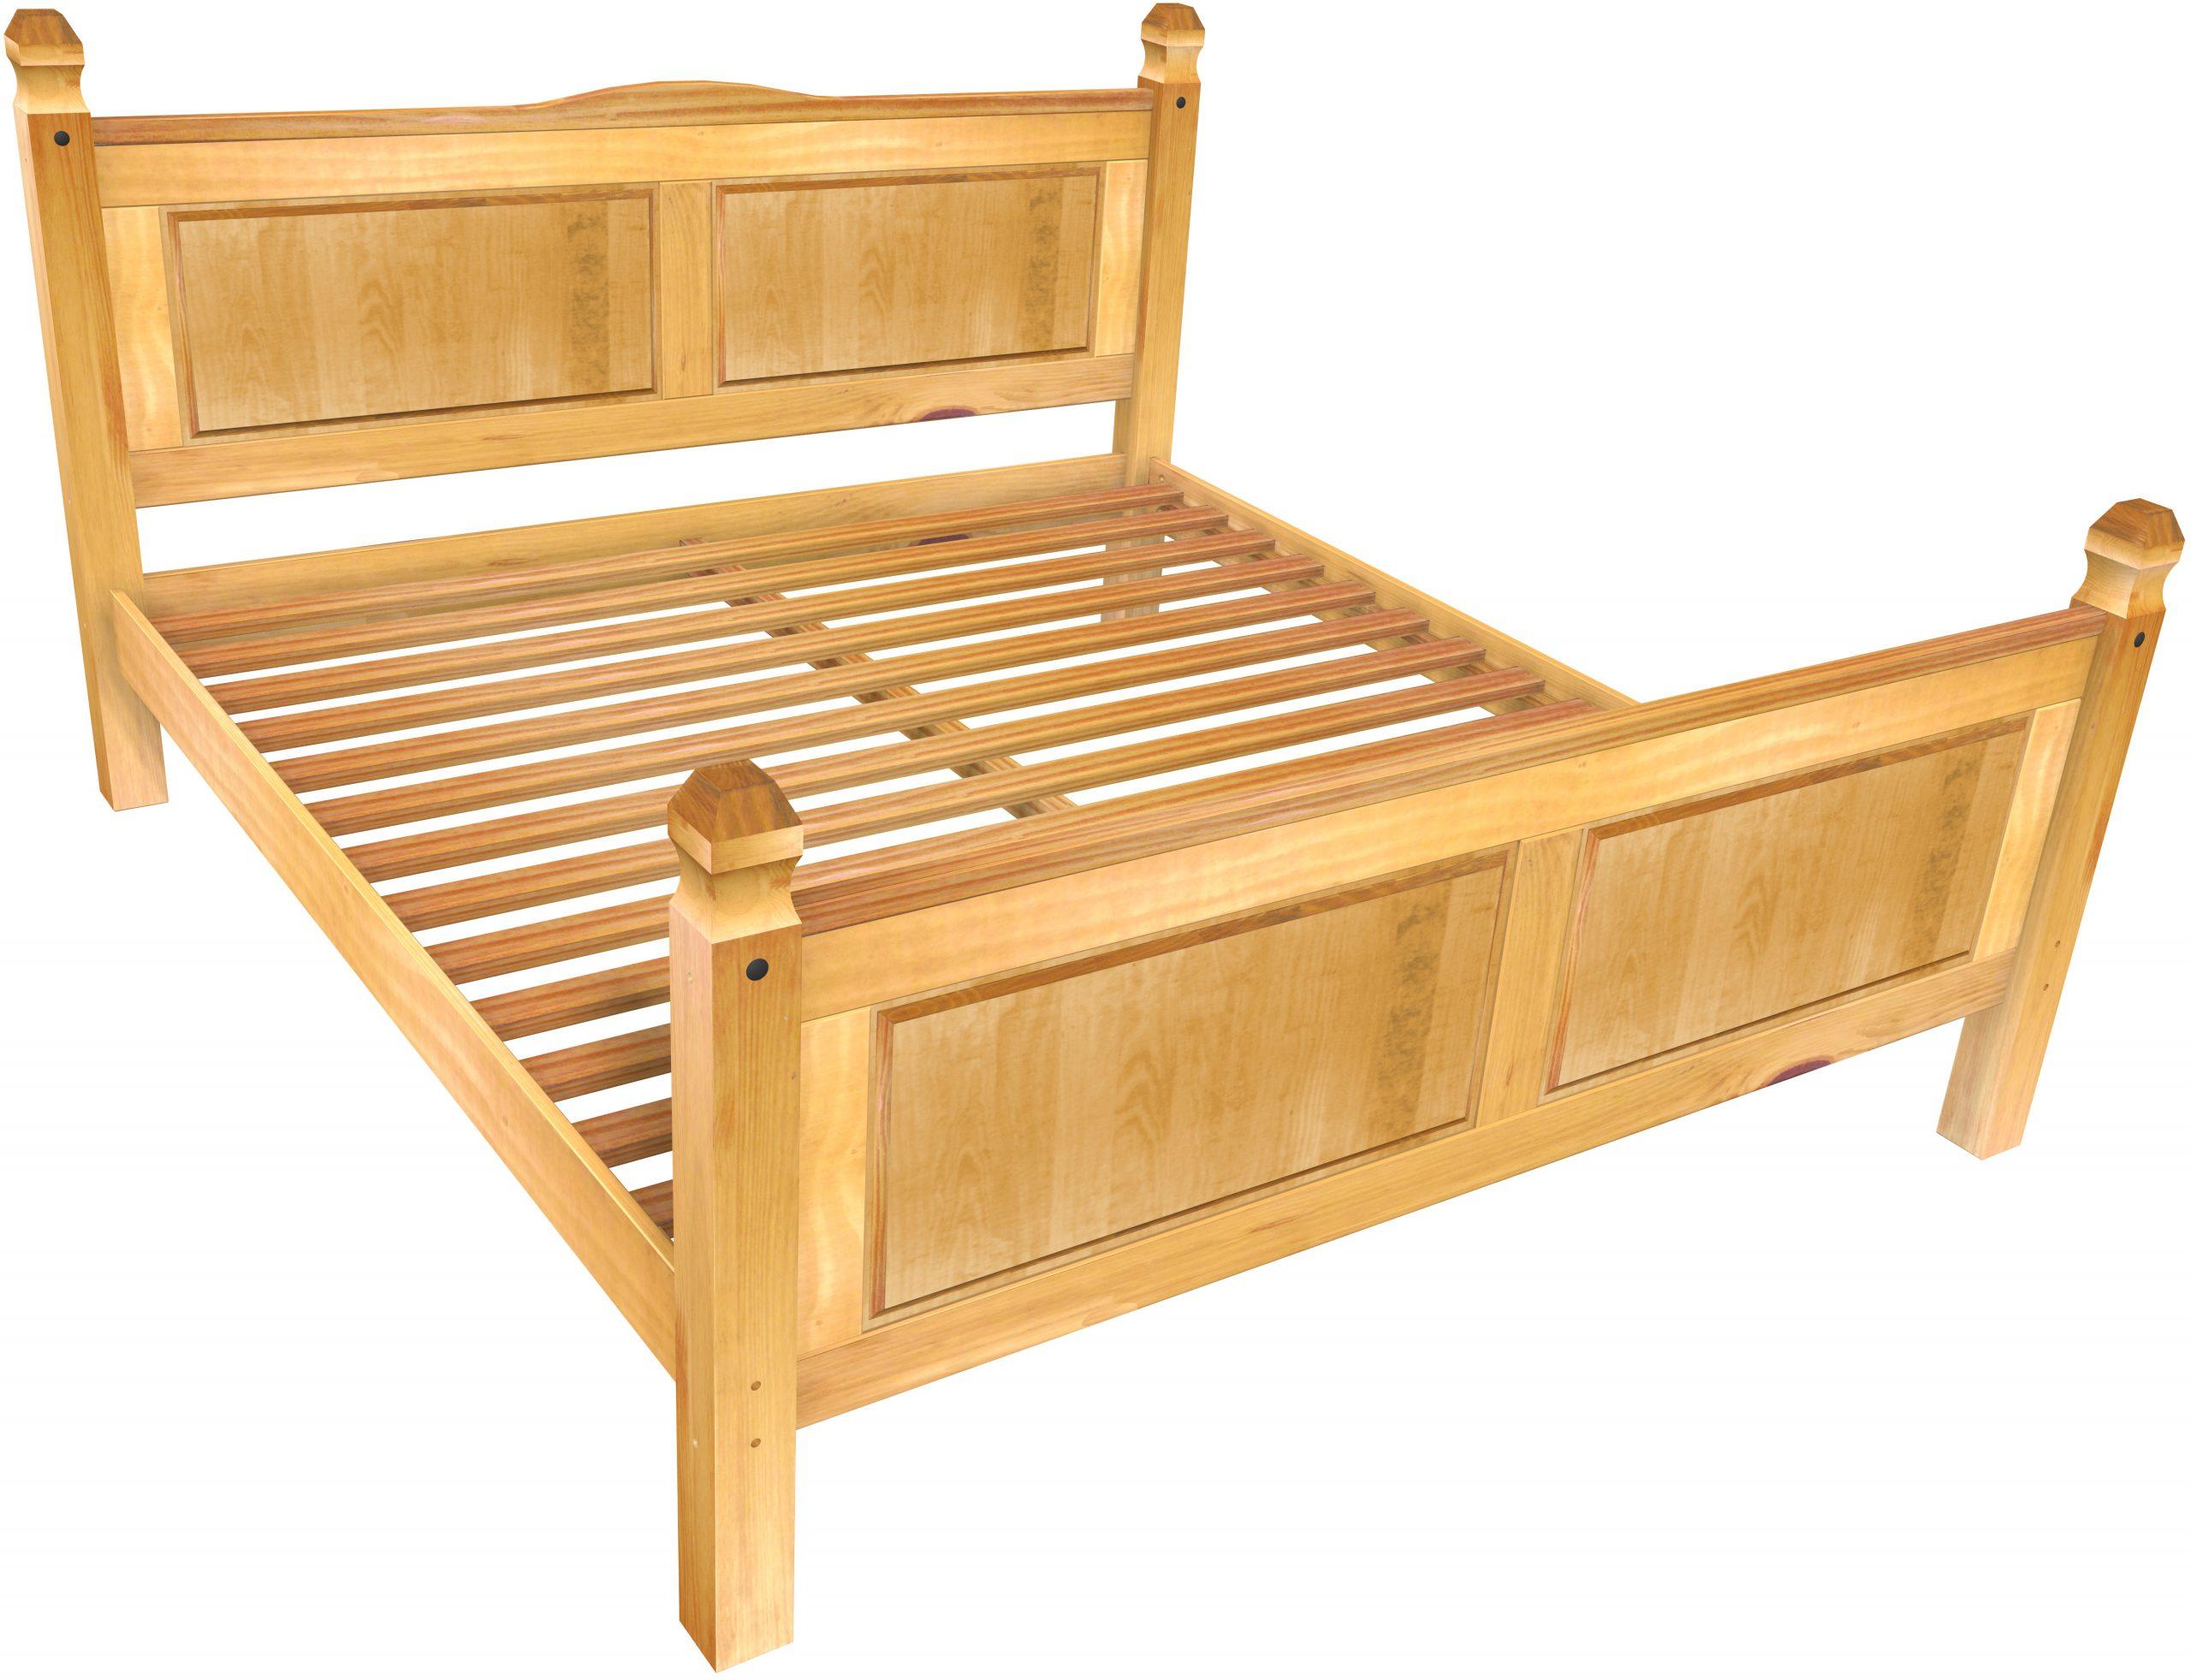 Full Size of Corona Bett 200x180 Honig Massive Pinie Stauraum 200x200 Mit Schubladen Bonprix Betten 180x200 Bettkasten Kopfteil Amerikanische Platzsparend Schwarzes Bett Bett 200x180